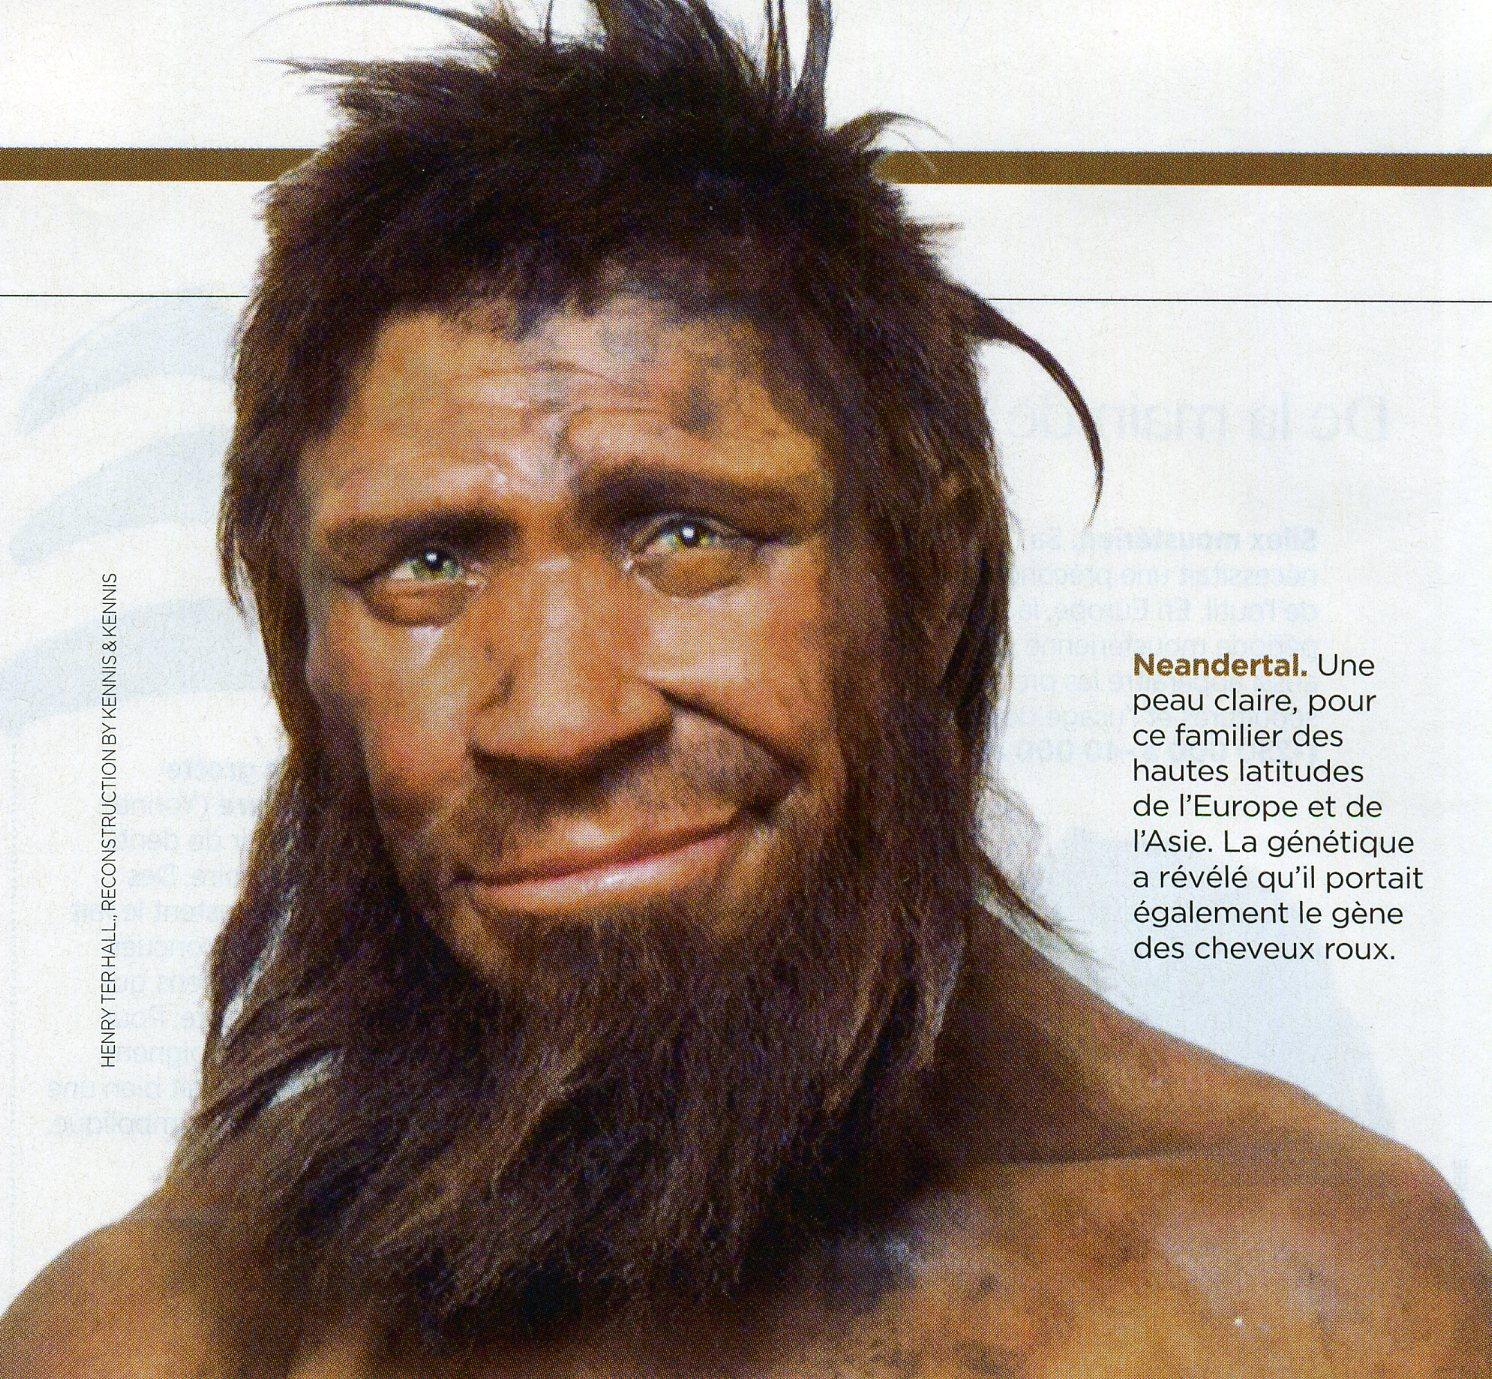 Néenderthal portrait